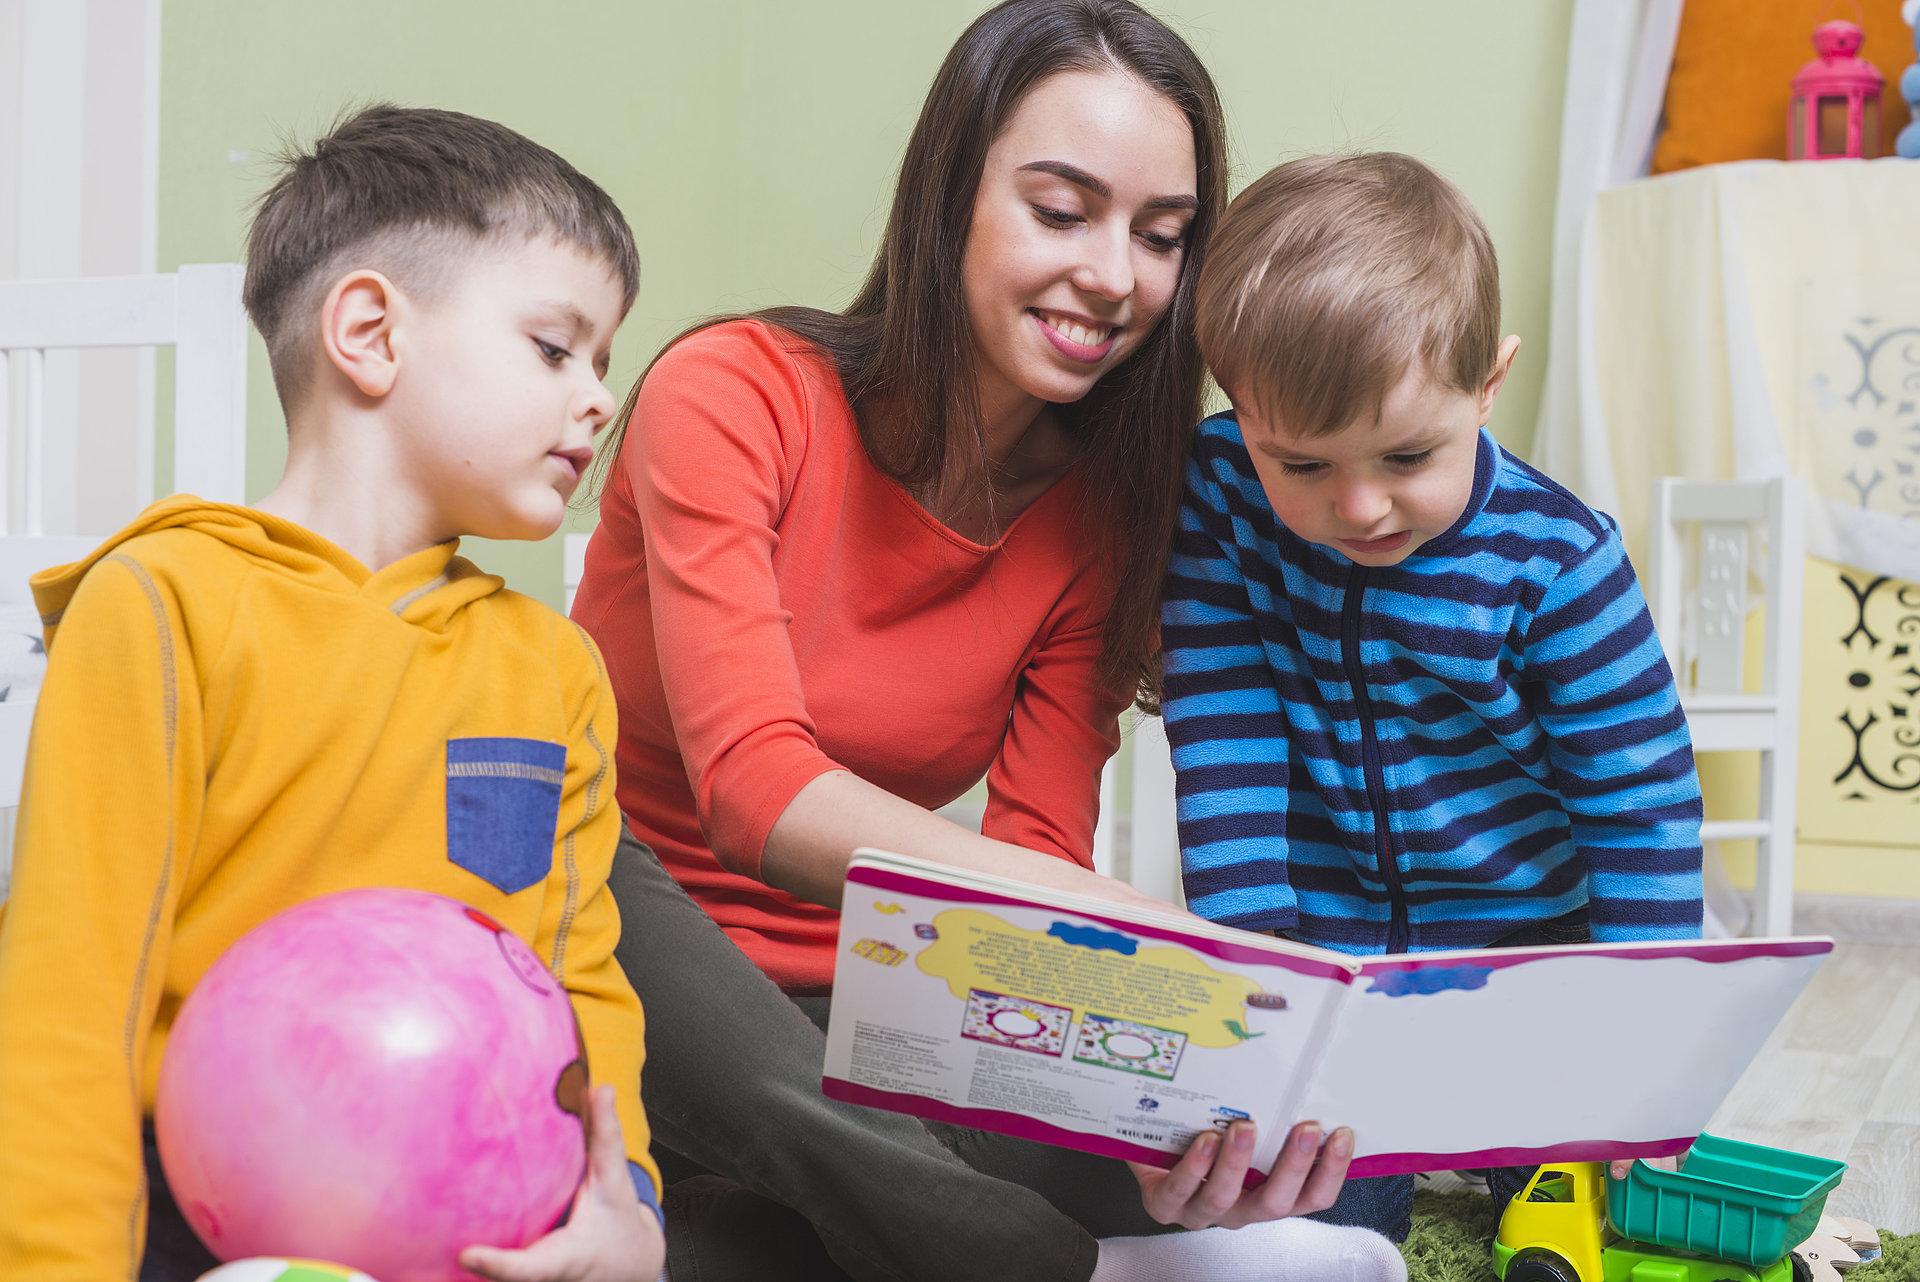 Kindergärtnerin beim Vorlesen mit zwei kleinen Jungs